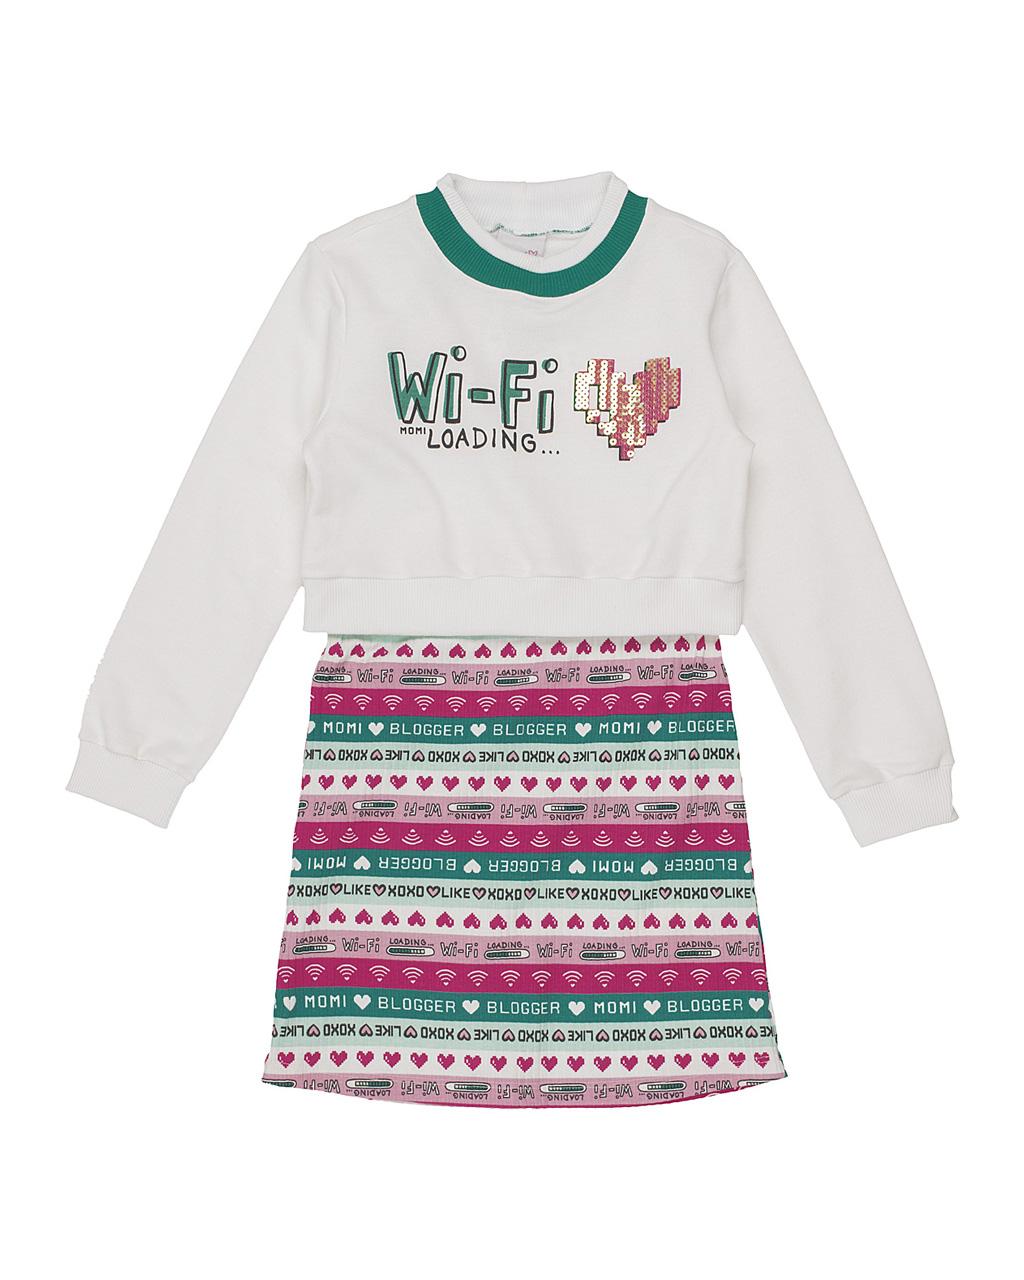 Conjunto Infantil Blusa Moletom Off Wi-Fi E Vestido Listrado Escritas Momi